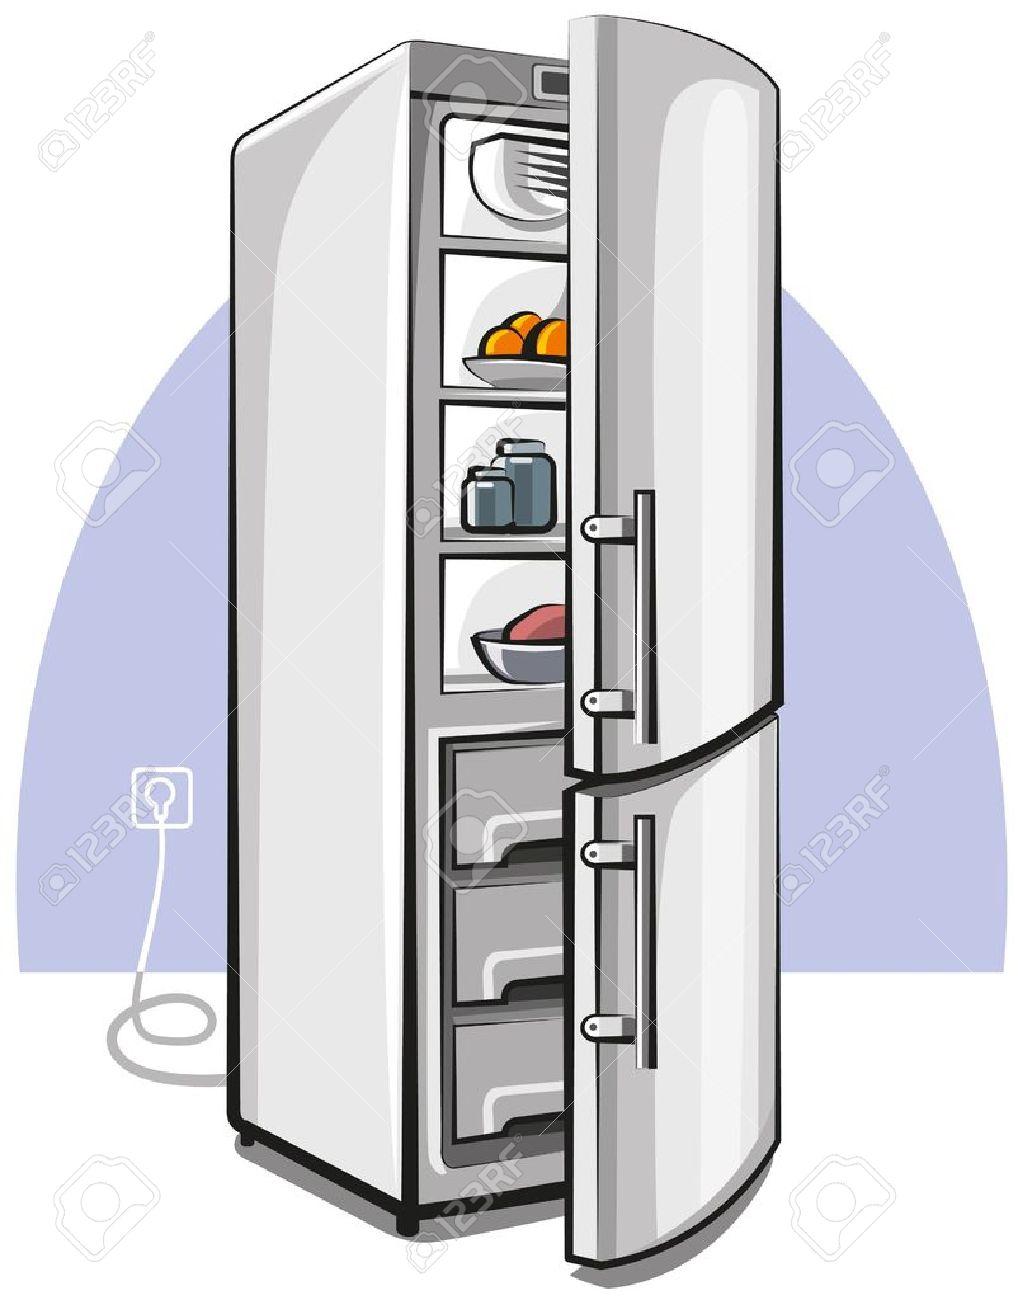 Kühlschrank Mit Zwei Türen Lizenzfrei Nutzbare Vektorgrafiken, Clip ...